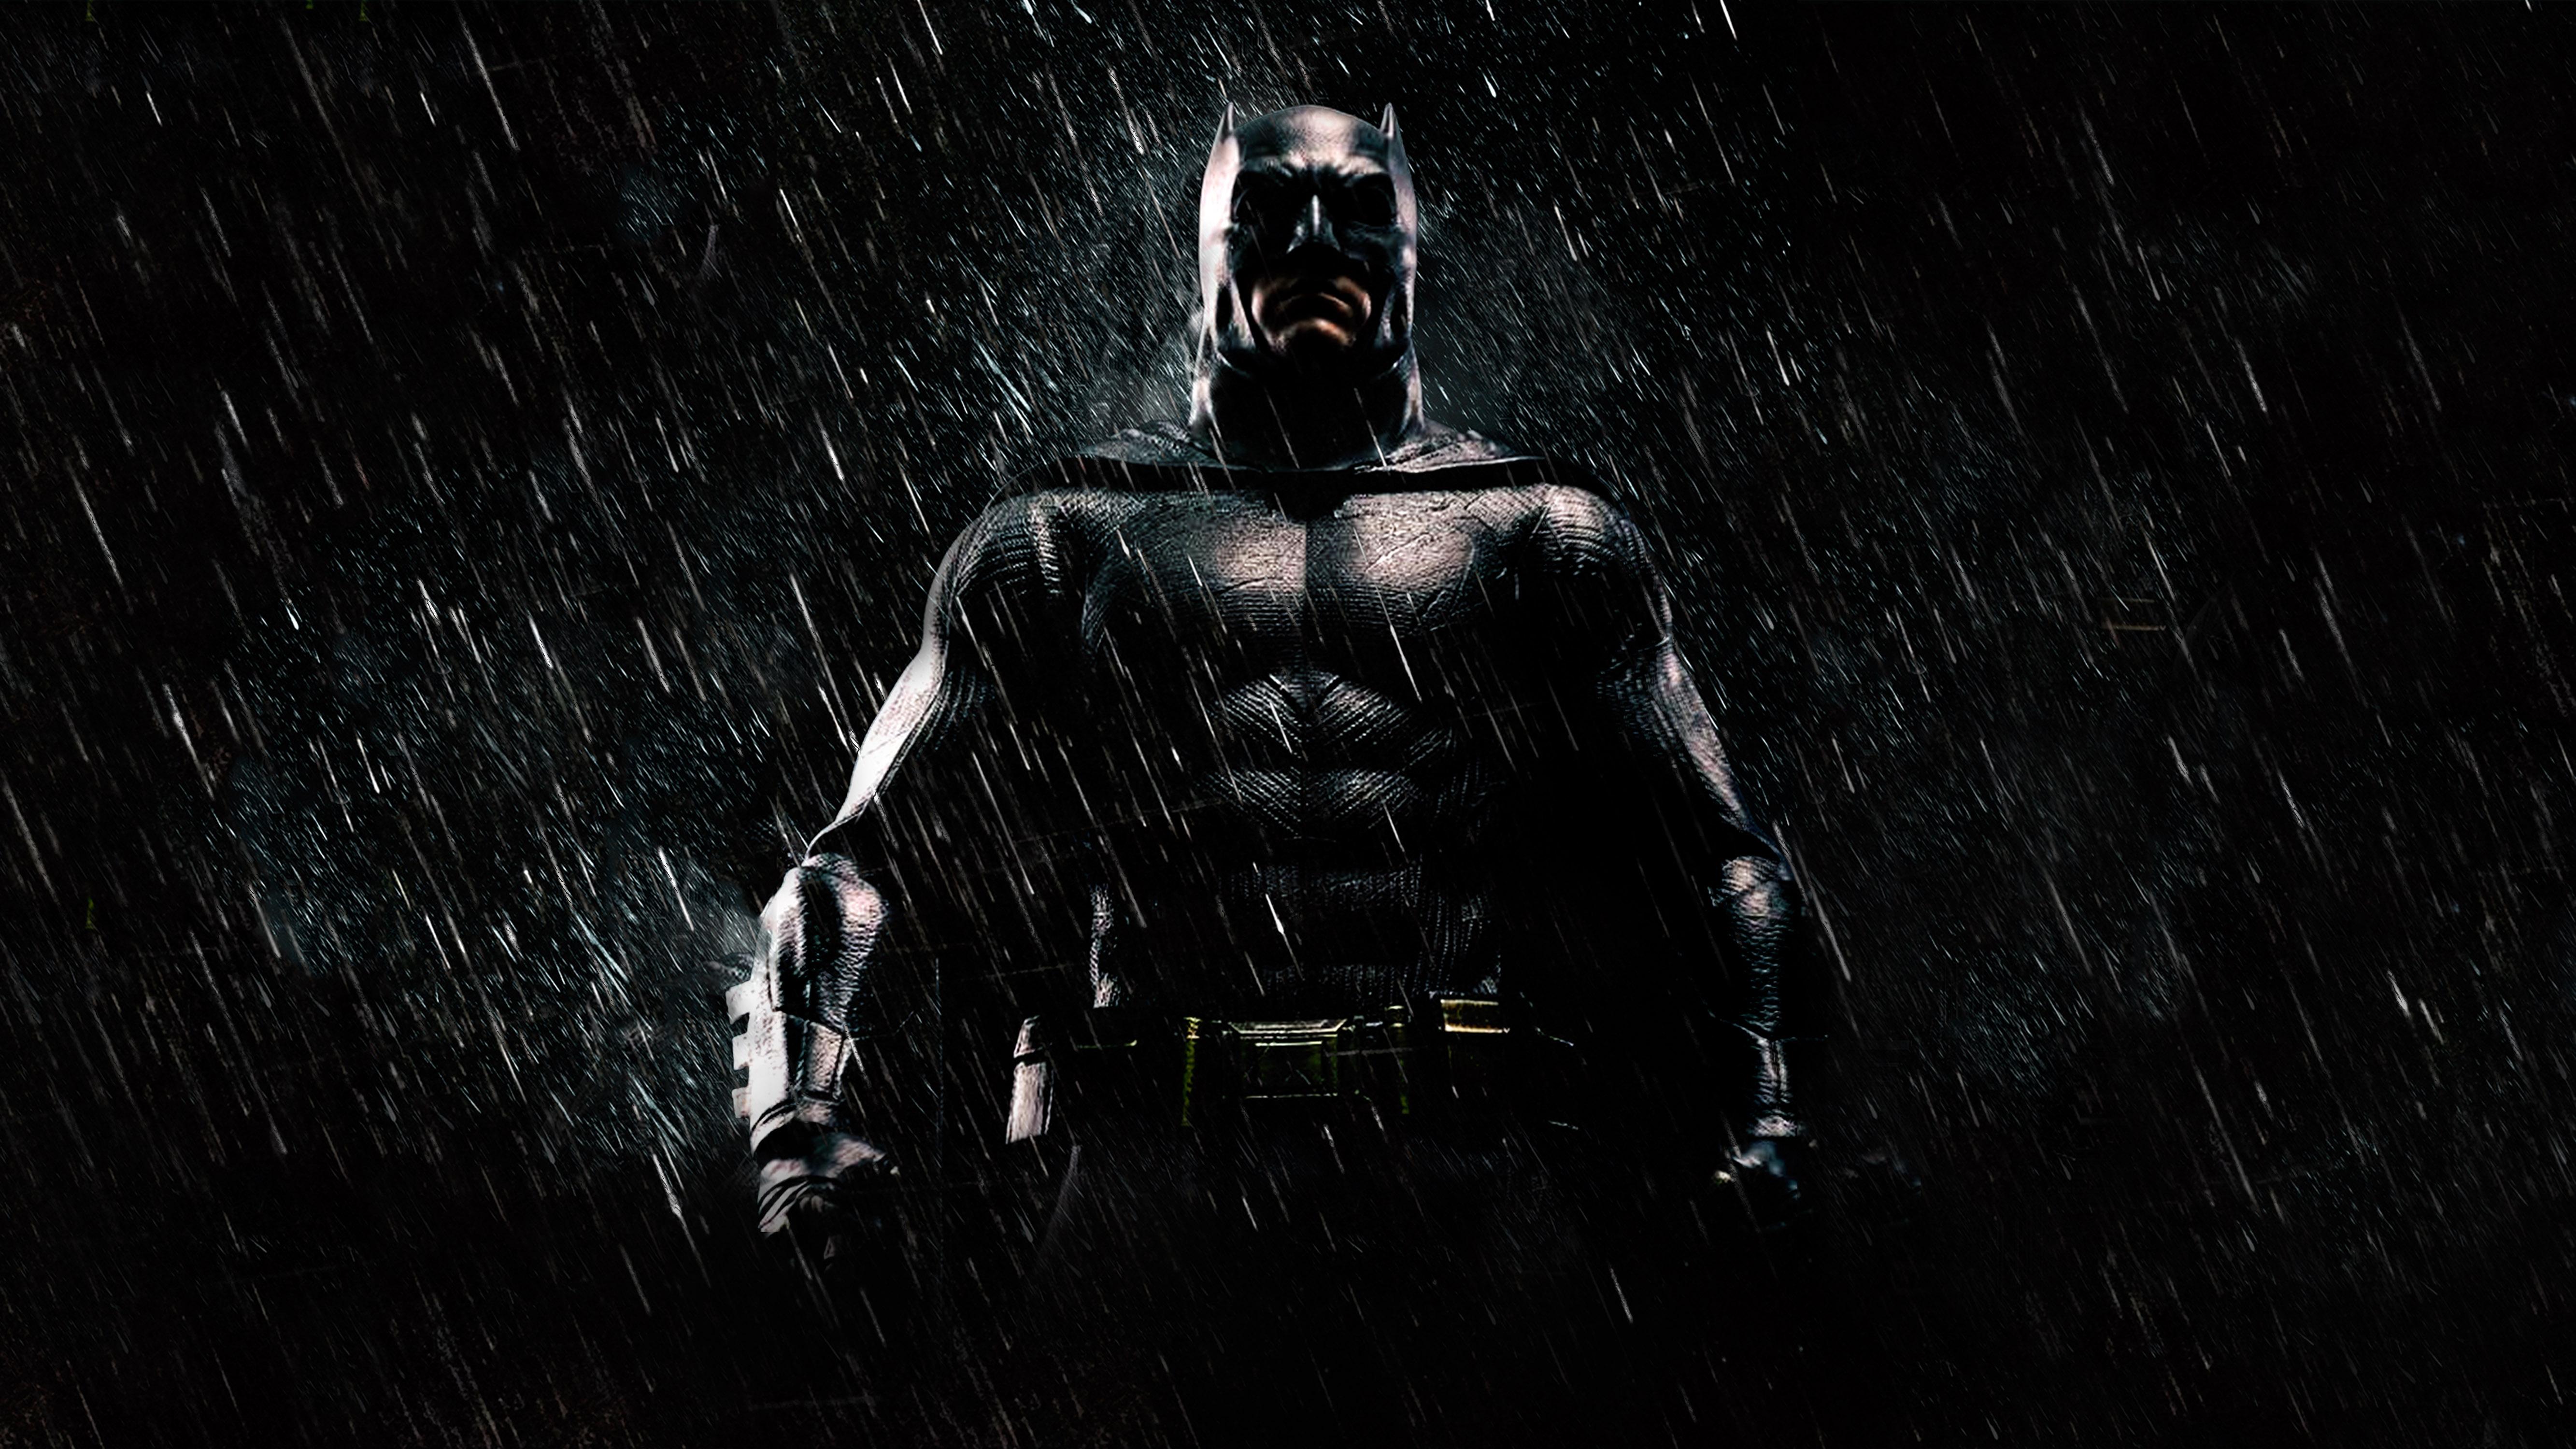 1920x1080 Batman In The Rain Laptop Full HD 1080P HD 4k ...